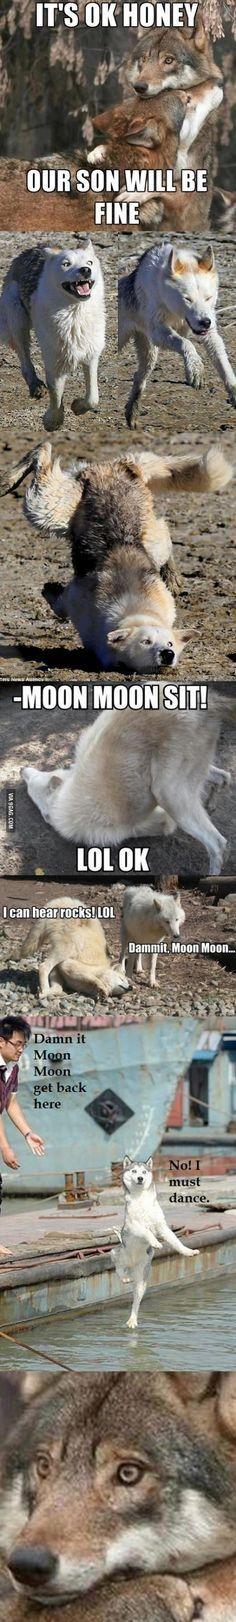 Dammit Moon Moon Cute Funny AnimalsFunny